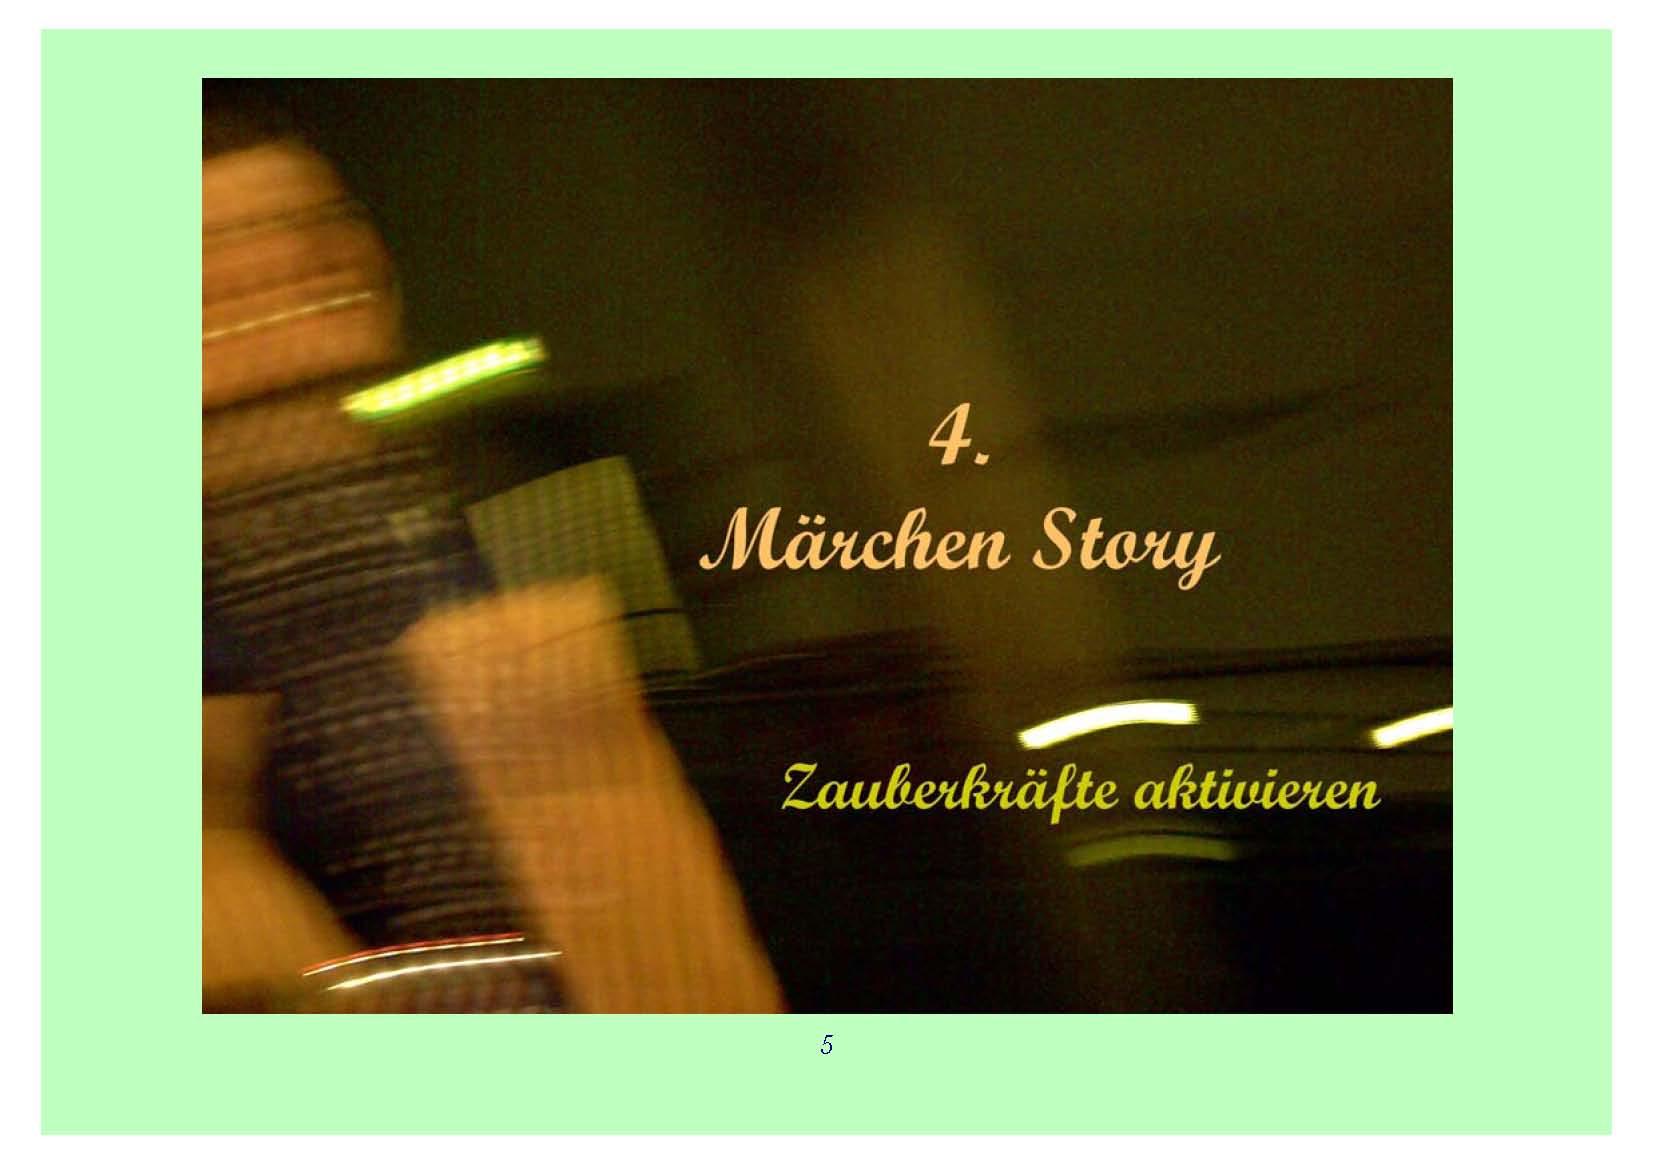 ™Gigabuch-Bibliothek/iAutobiographie Band 4/Bild 0224